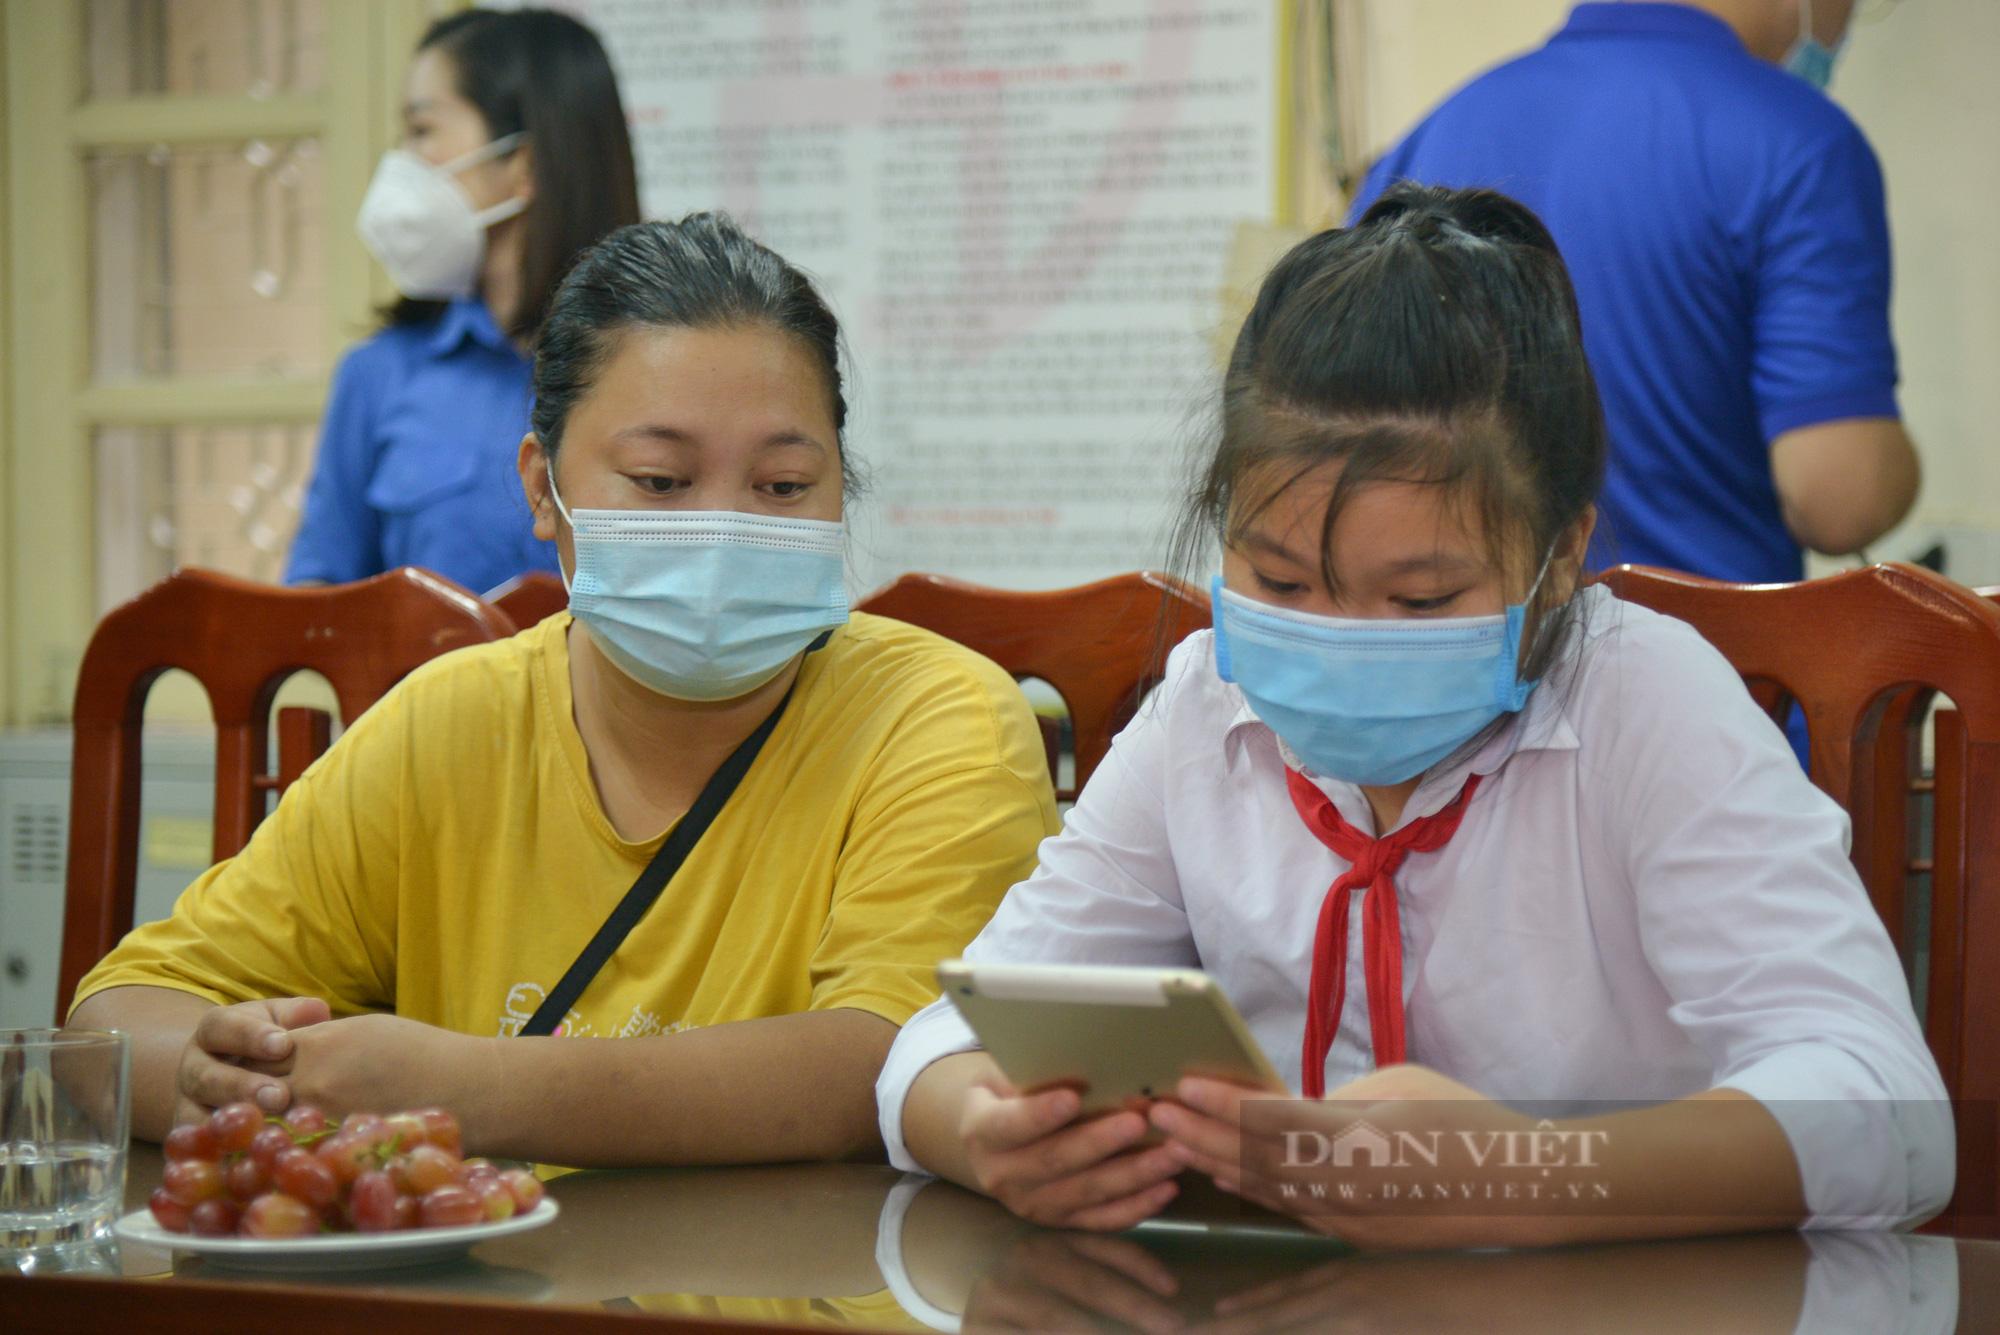 Hà Nội: Tặng máy tính cho trẻ em nghèo học online - Ảnh 2.